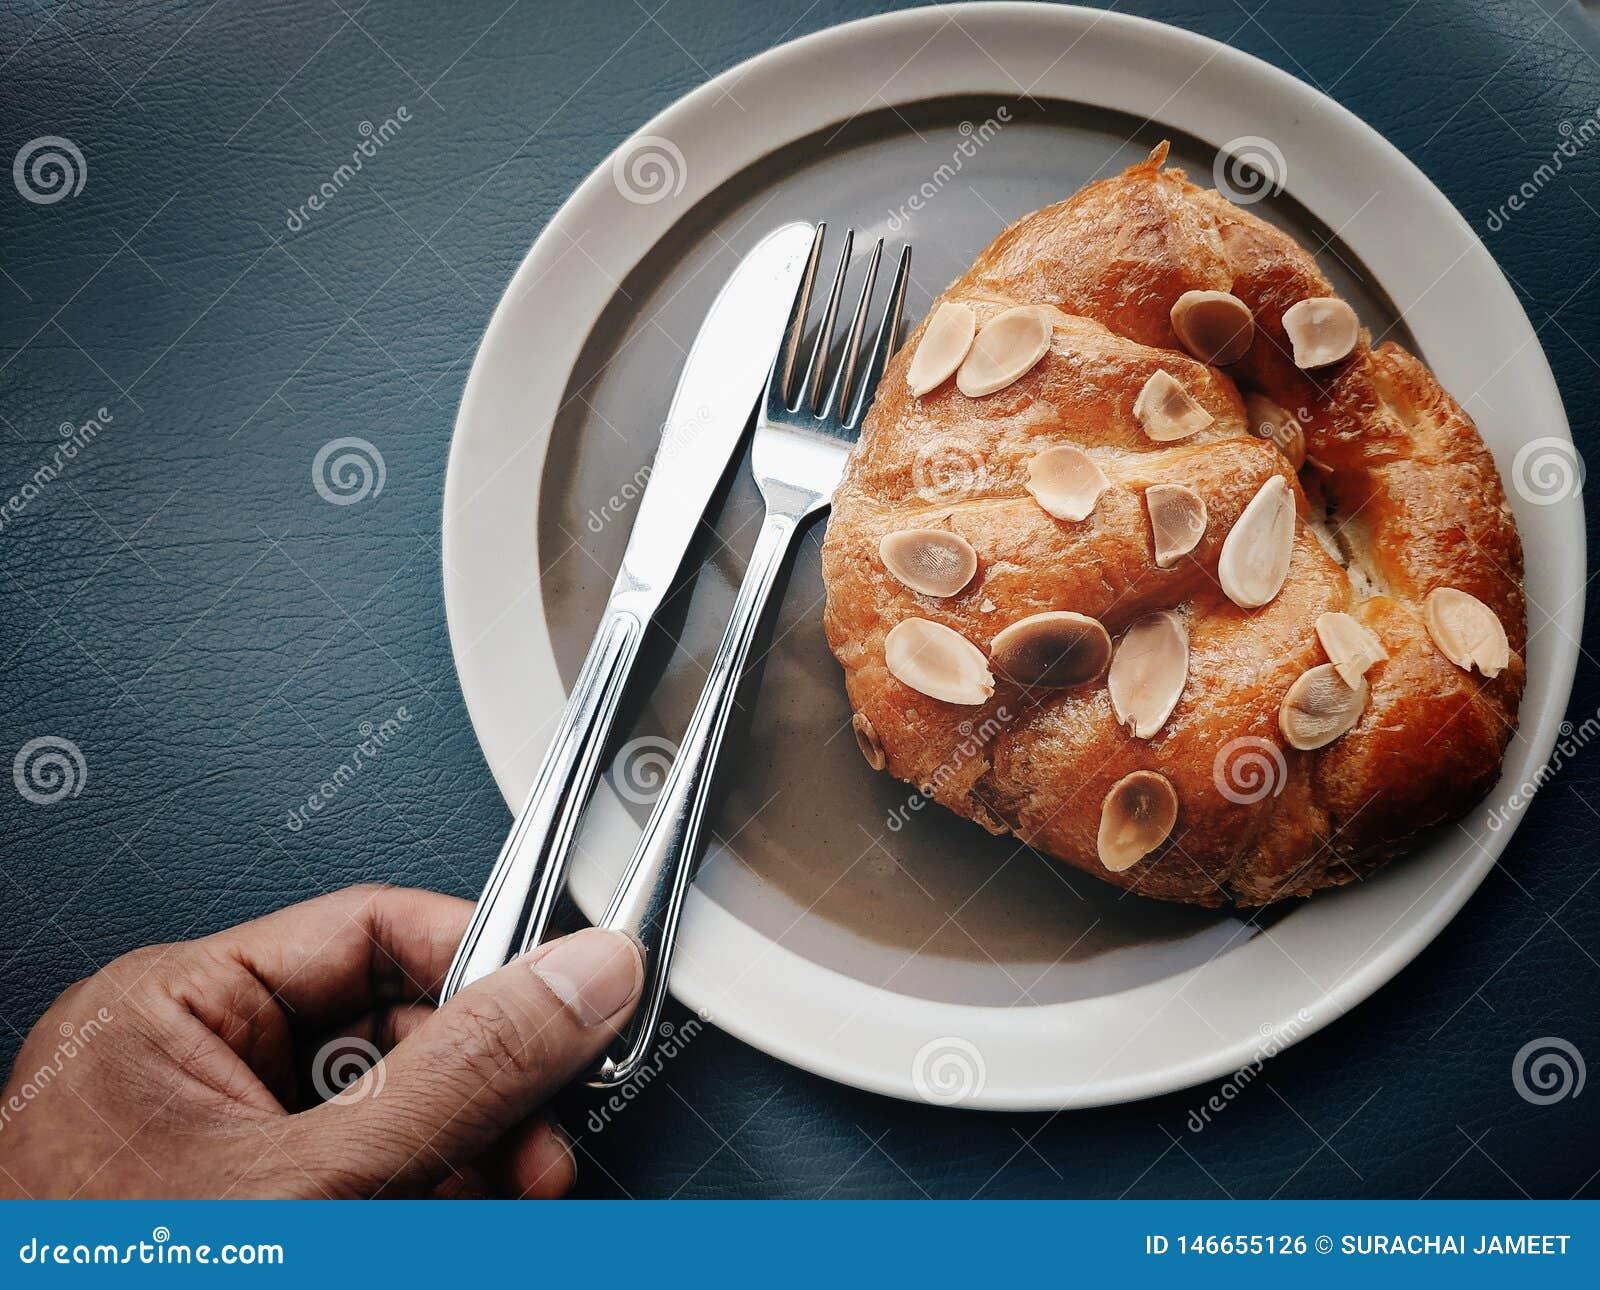 手采摘刀子和叉子吃新月形面包用在上面的切的杏仁